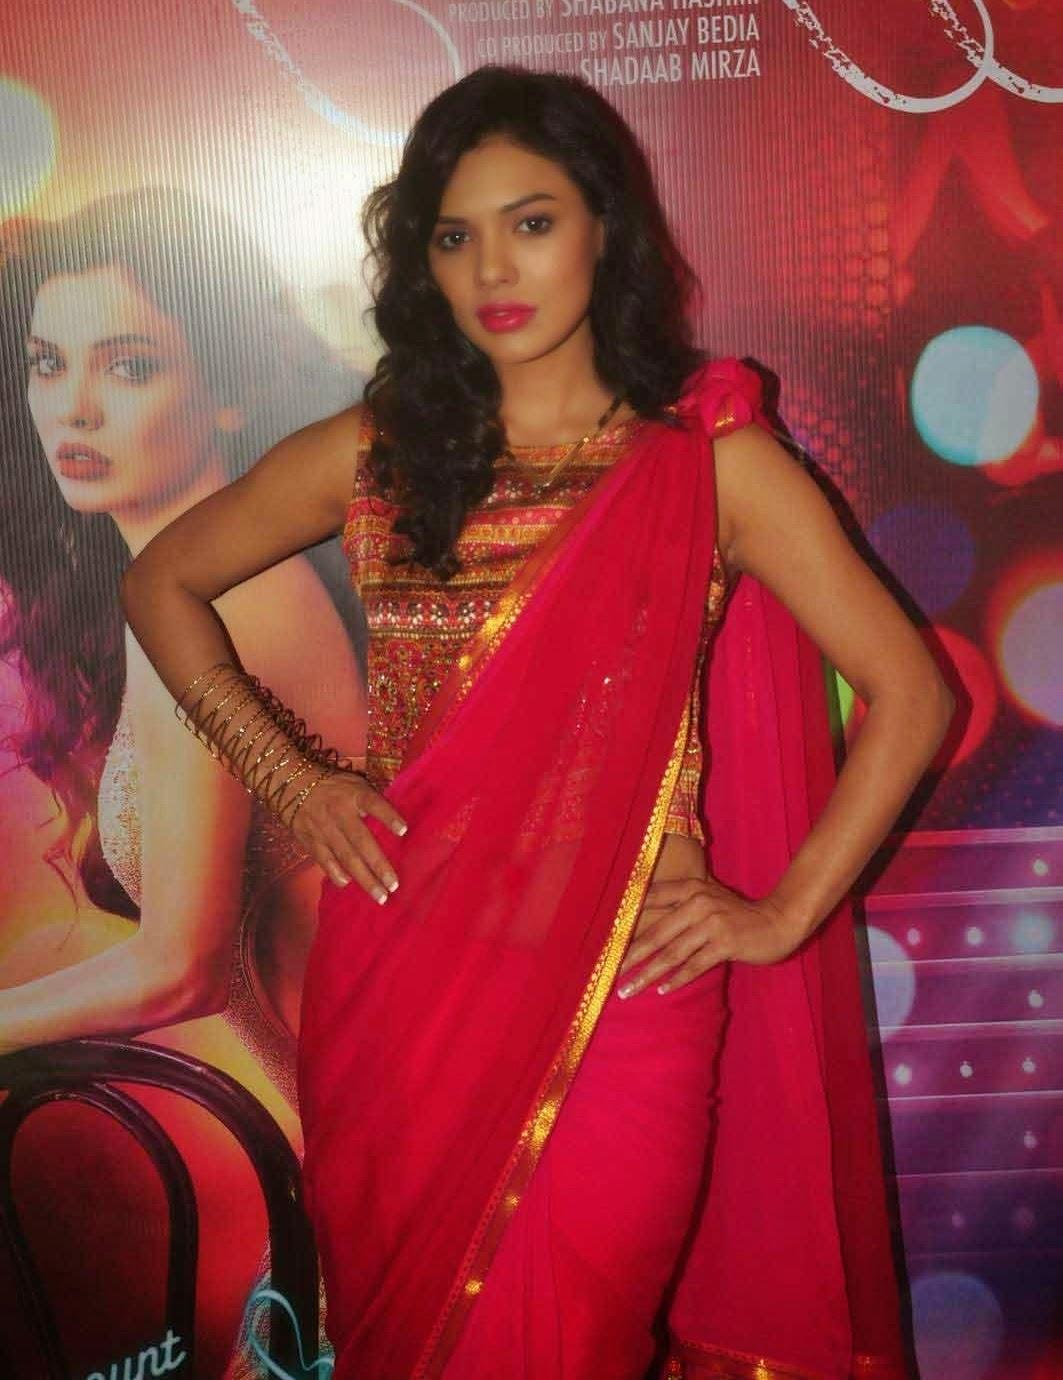 Sara Loren In Saree From Barkhaa Hindi Movie Promotion Stills